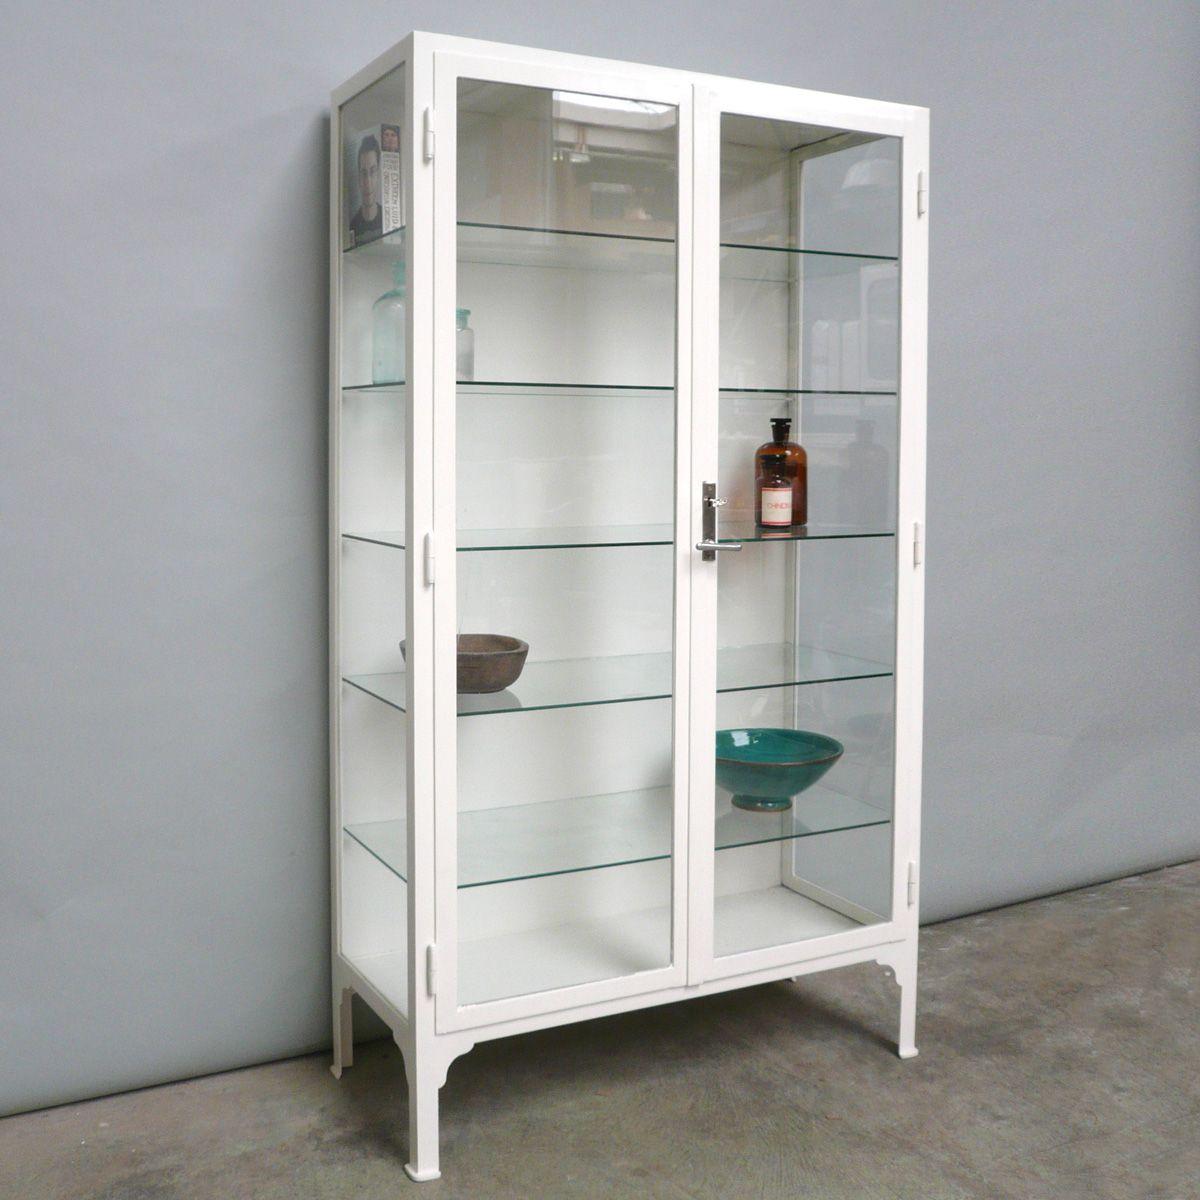 ungarischer vintage arzneischrank aus stahl und glas bei. Black Bedroom Furniture Sets. Home Design Ideas